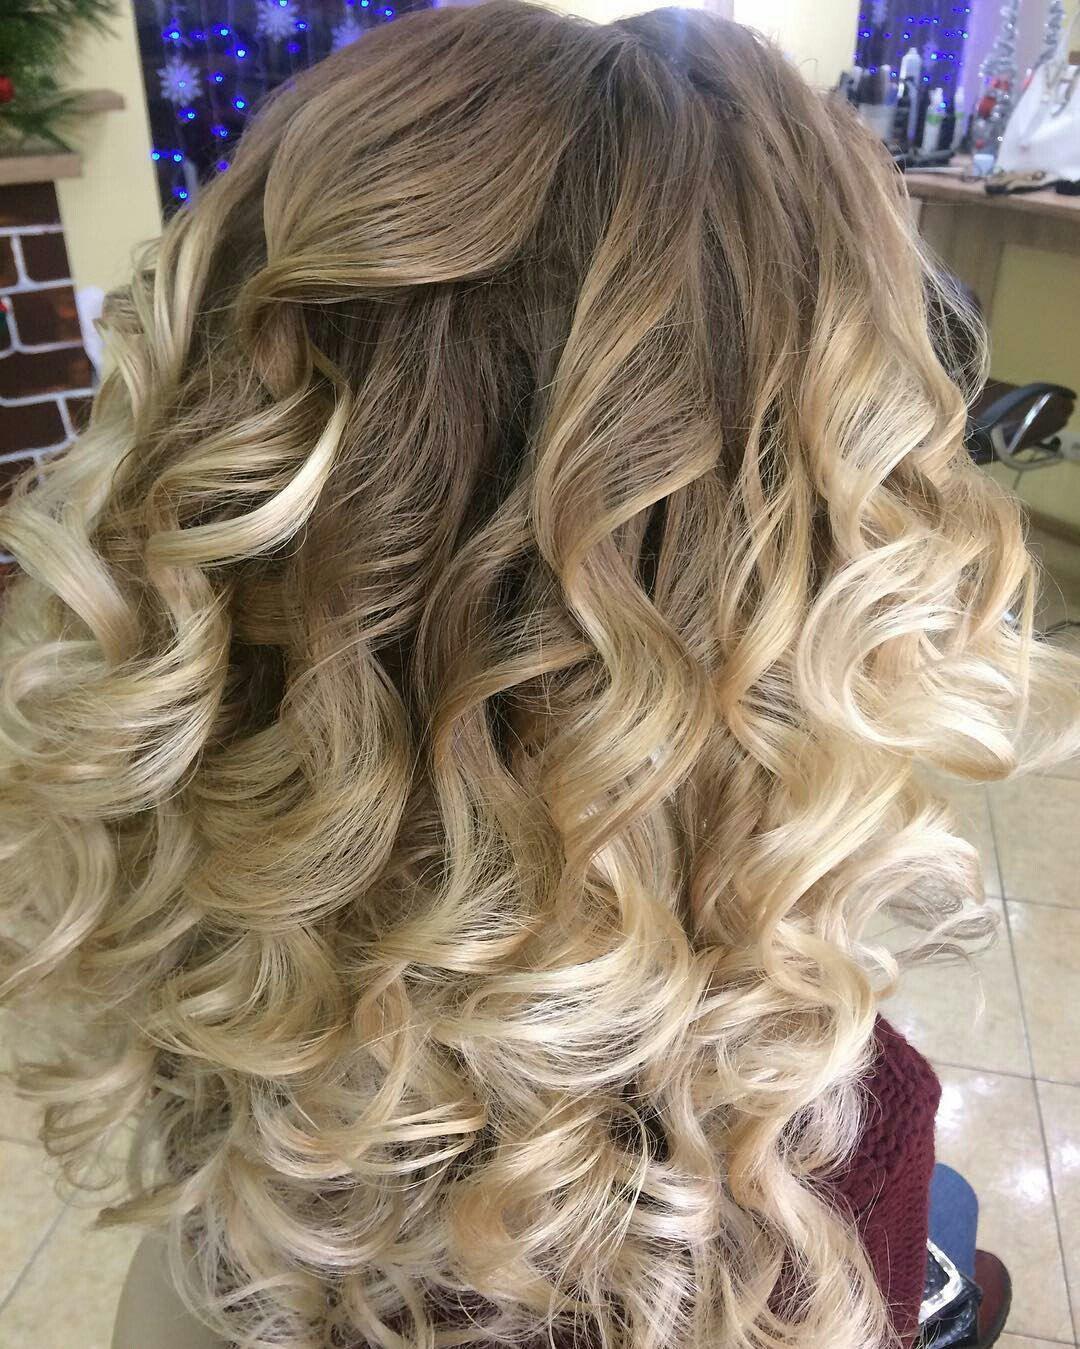 How To Curl Medium Length Hair Curl Curlsformediumhair Hair Hairho Curls For Medium Length Hair Curled Hairstyles For Medium Hair Medium Length Hair Styles